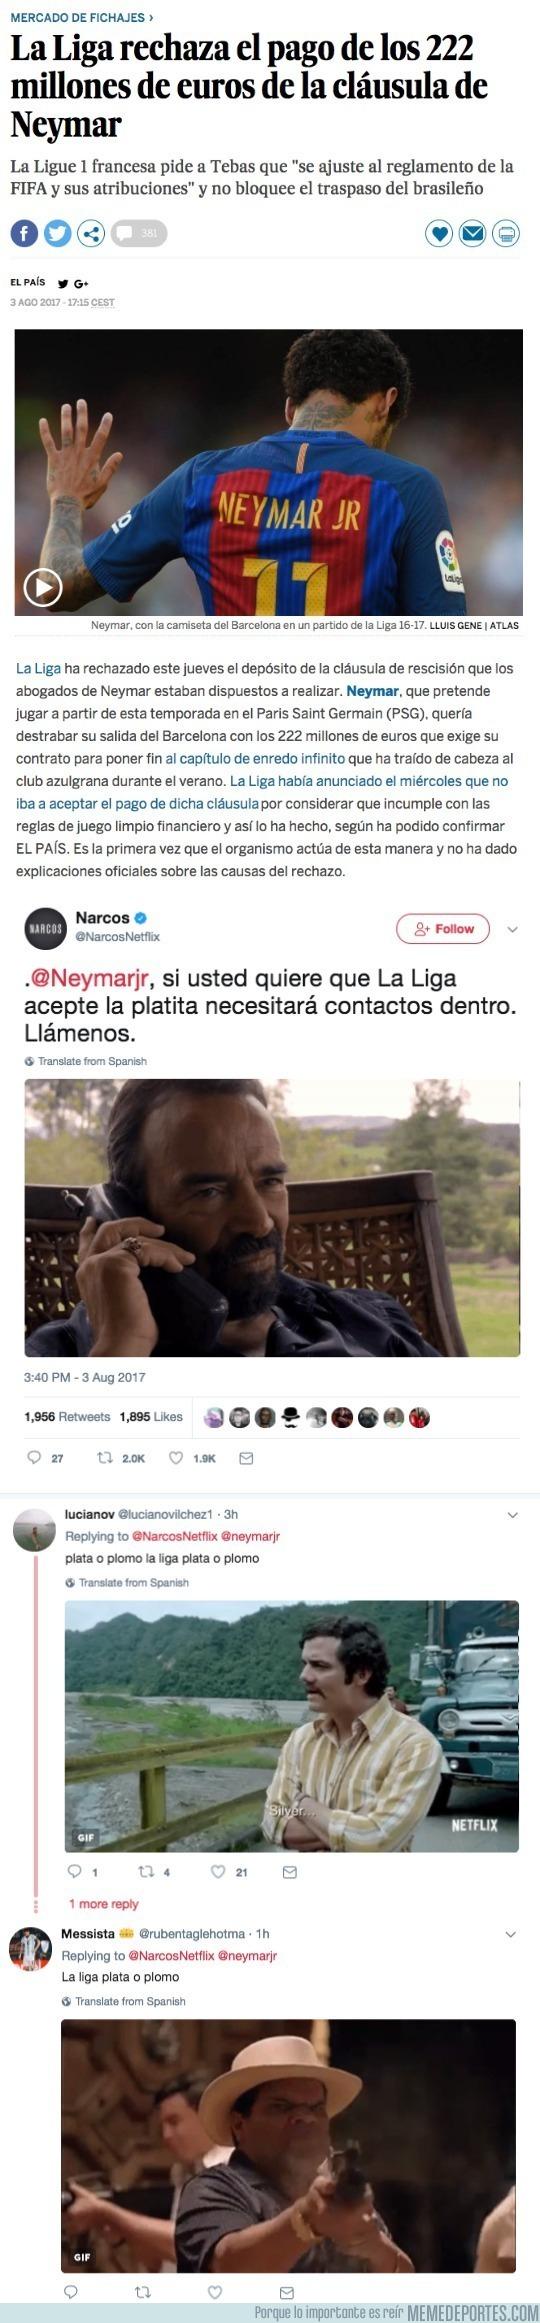 991043 - La cuenta oficial de Narcos de Netflix se ríe del PSG tras la Liga haber rechazado el dinero